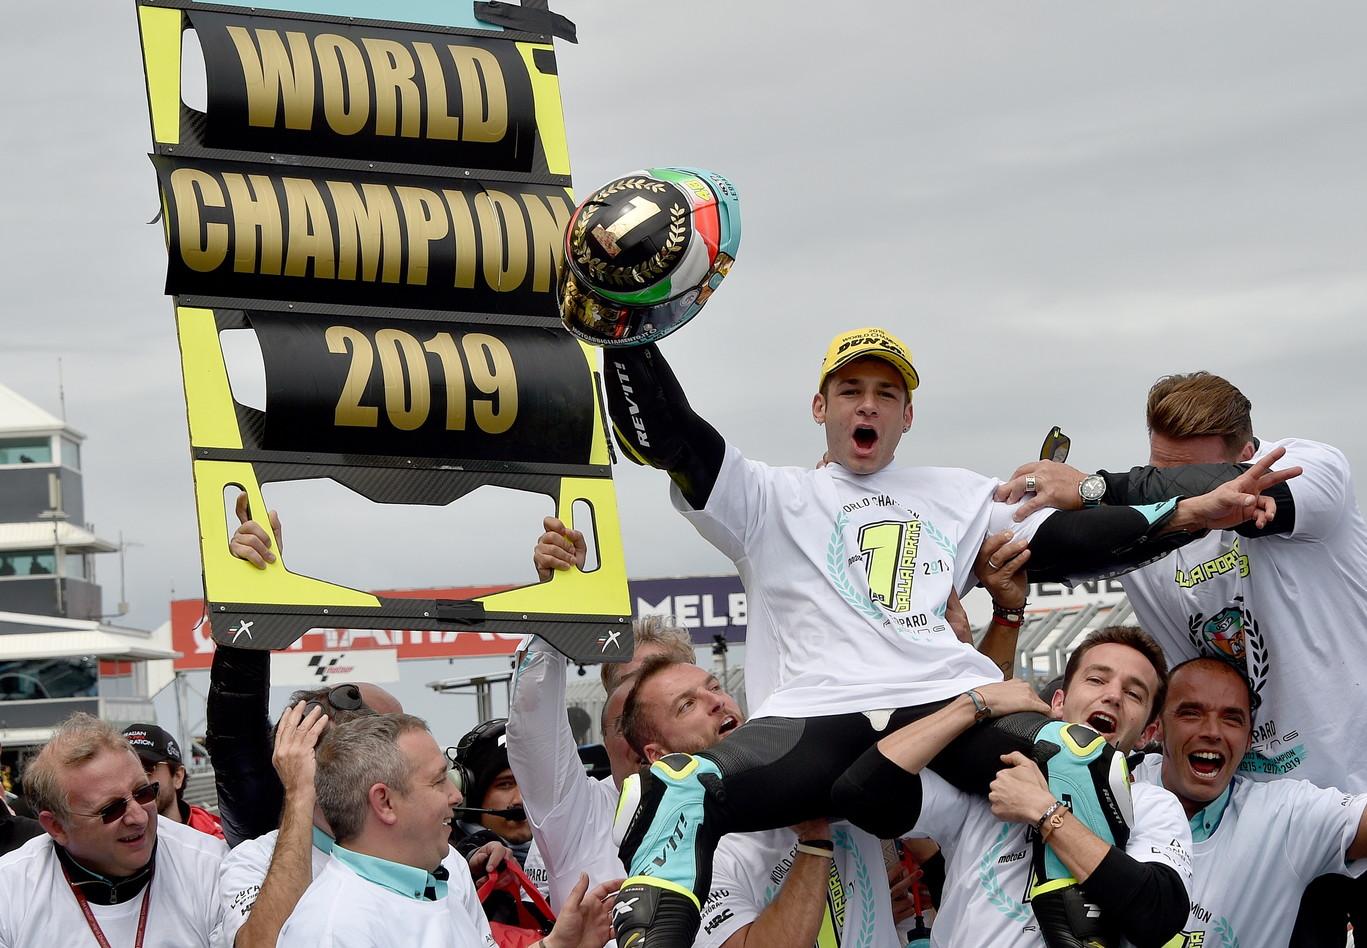 Il toscano vince gara e campionato a Phillip Island